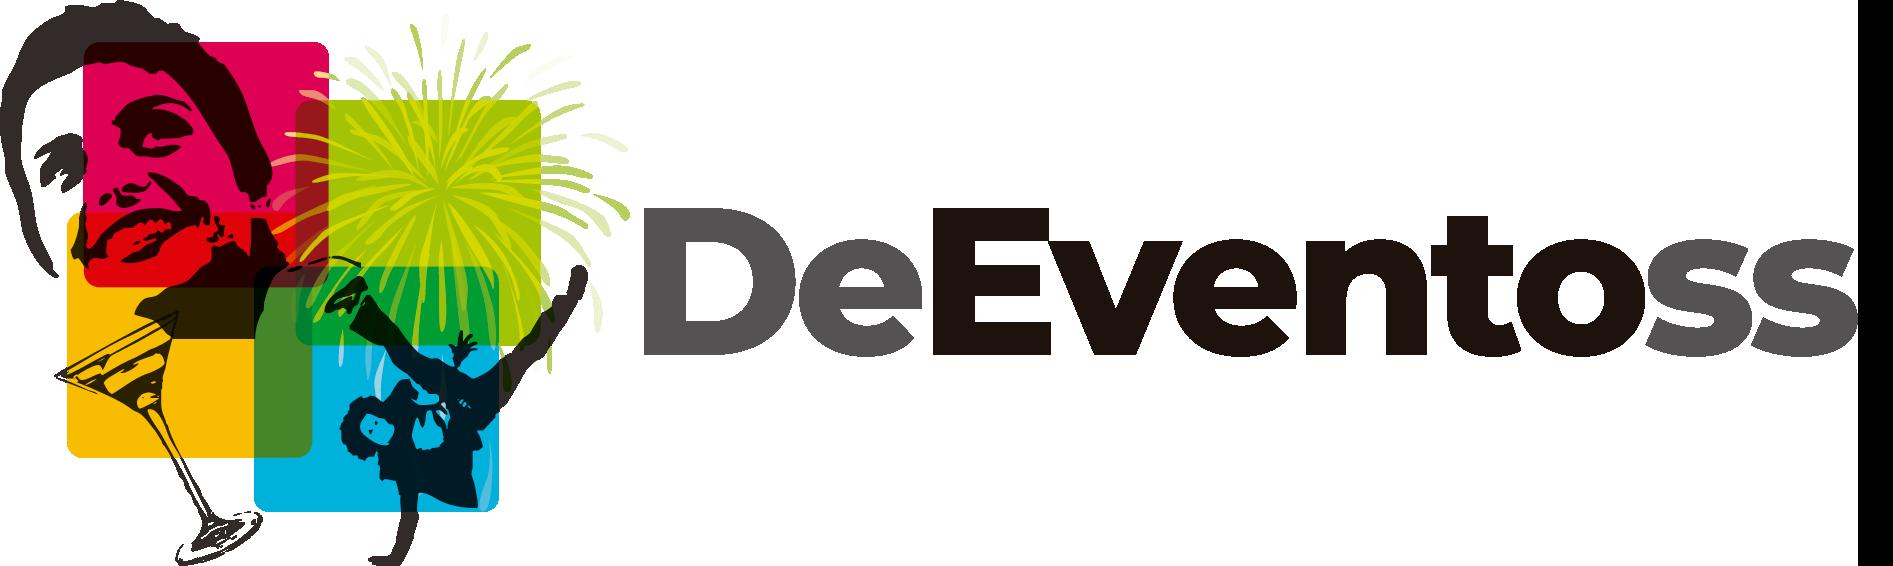 New_DeEventoss